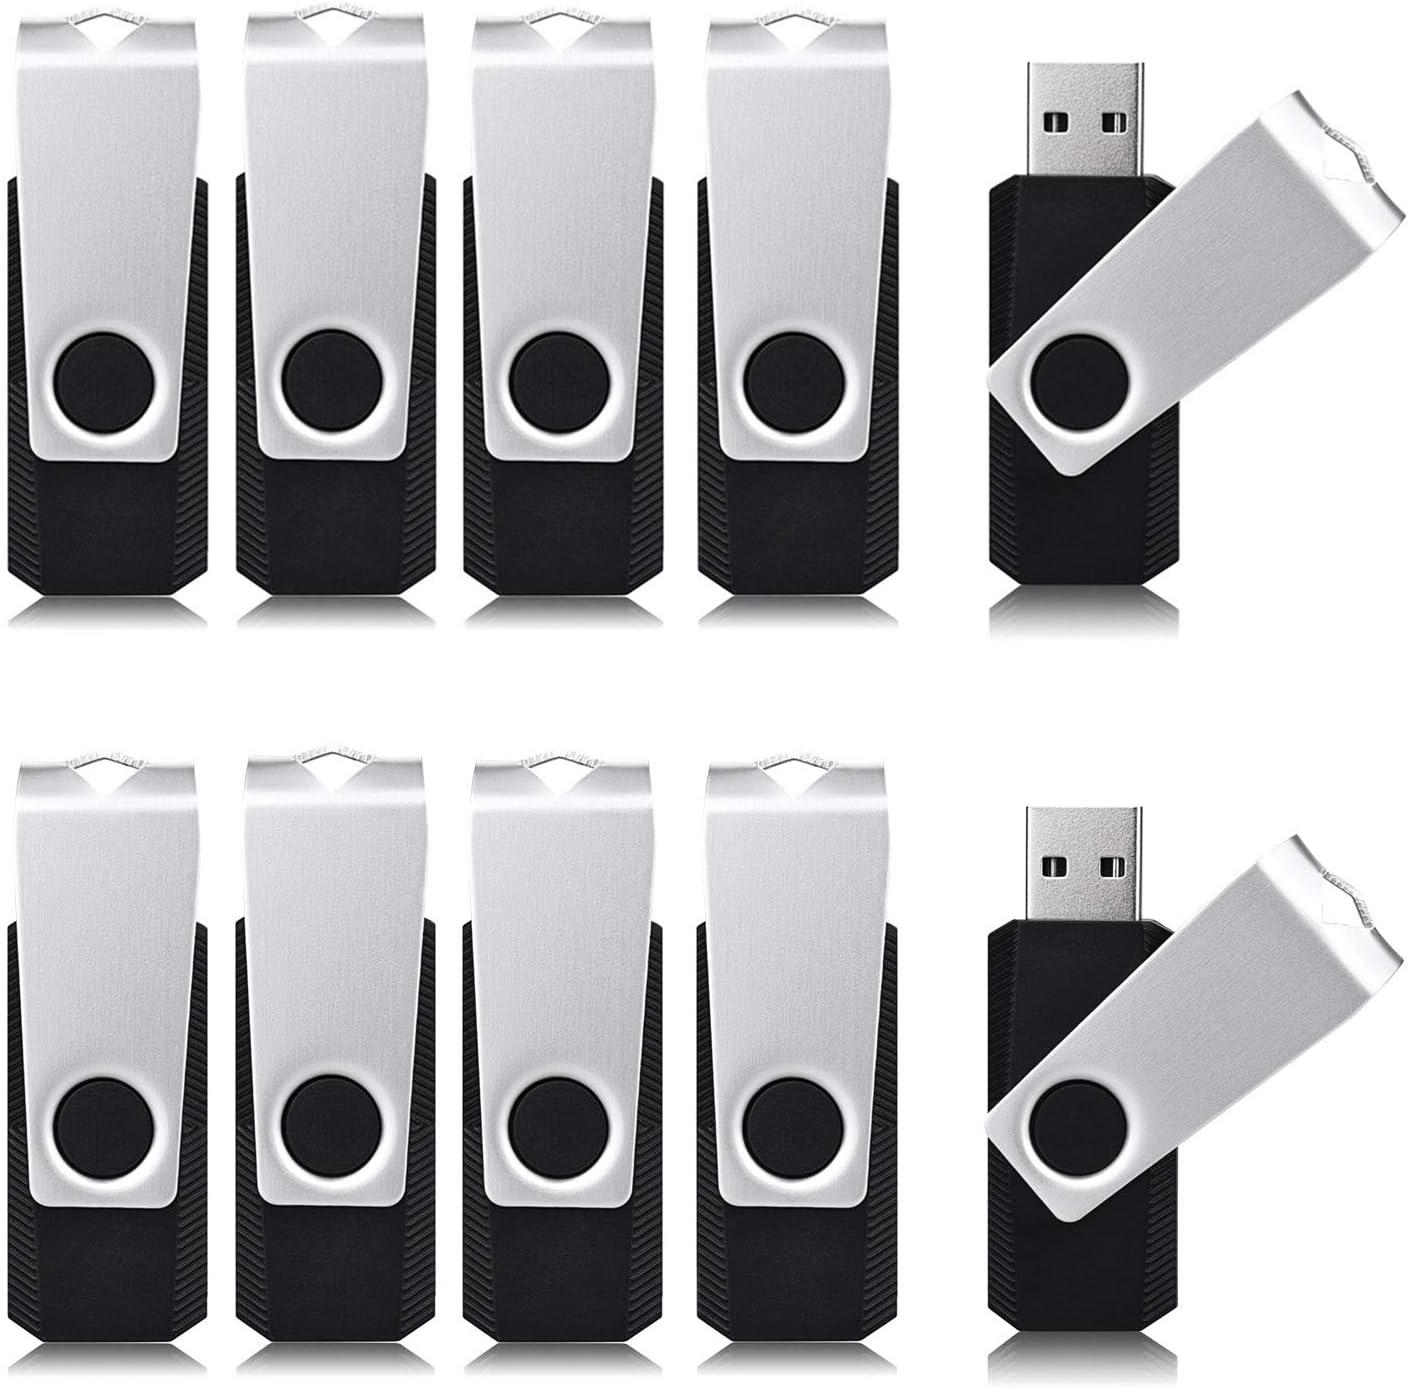 Qeeray 50 Pack USB Flash Drive 4GB Flash Drive USB2.0 Swivel Thumb Drive Memory Stick Black